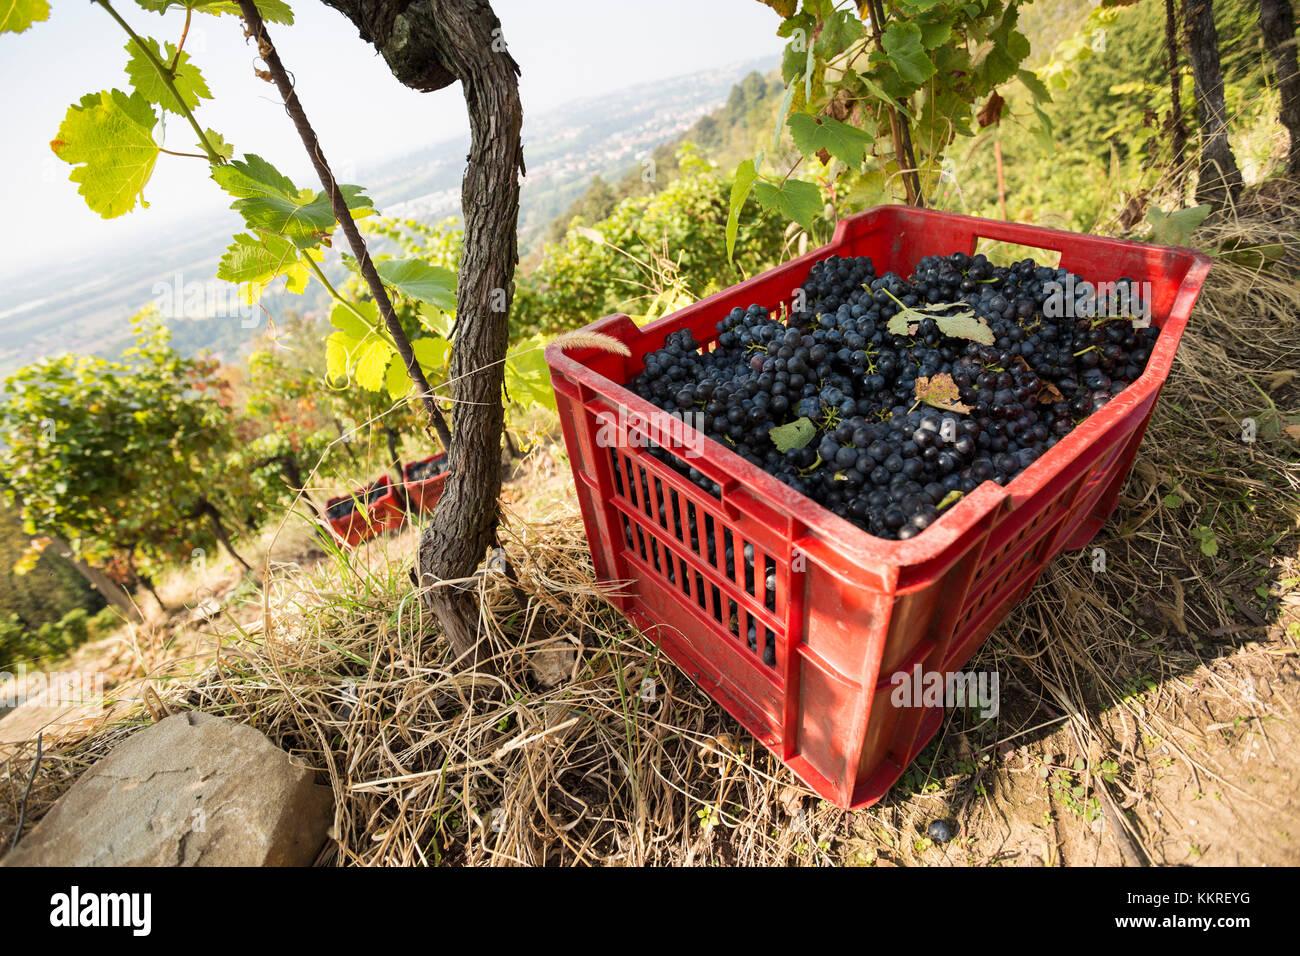 Le uve della vendemmia, montevecchia, provincia di LECCO, LOMBARDIA, nord italia, italia Immagini Stock